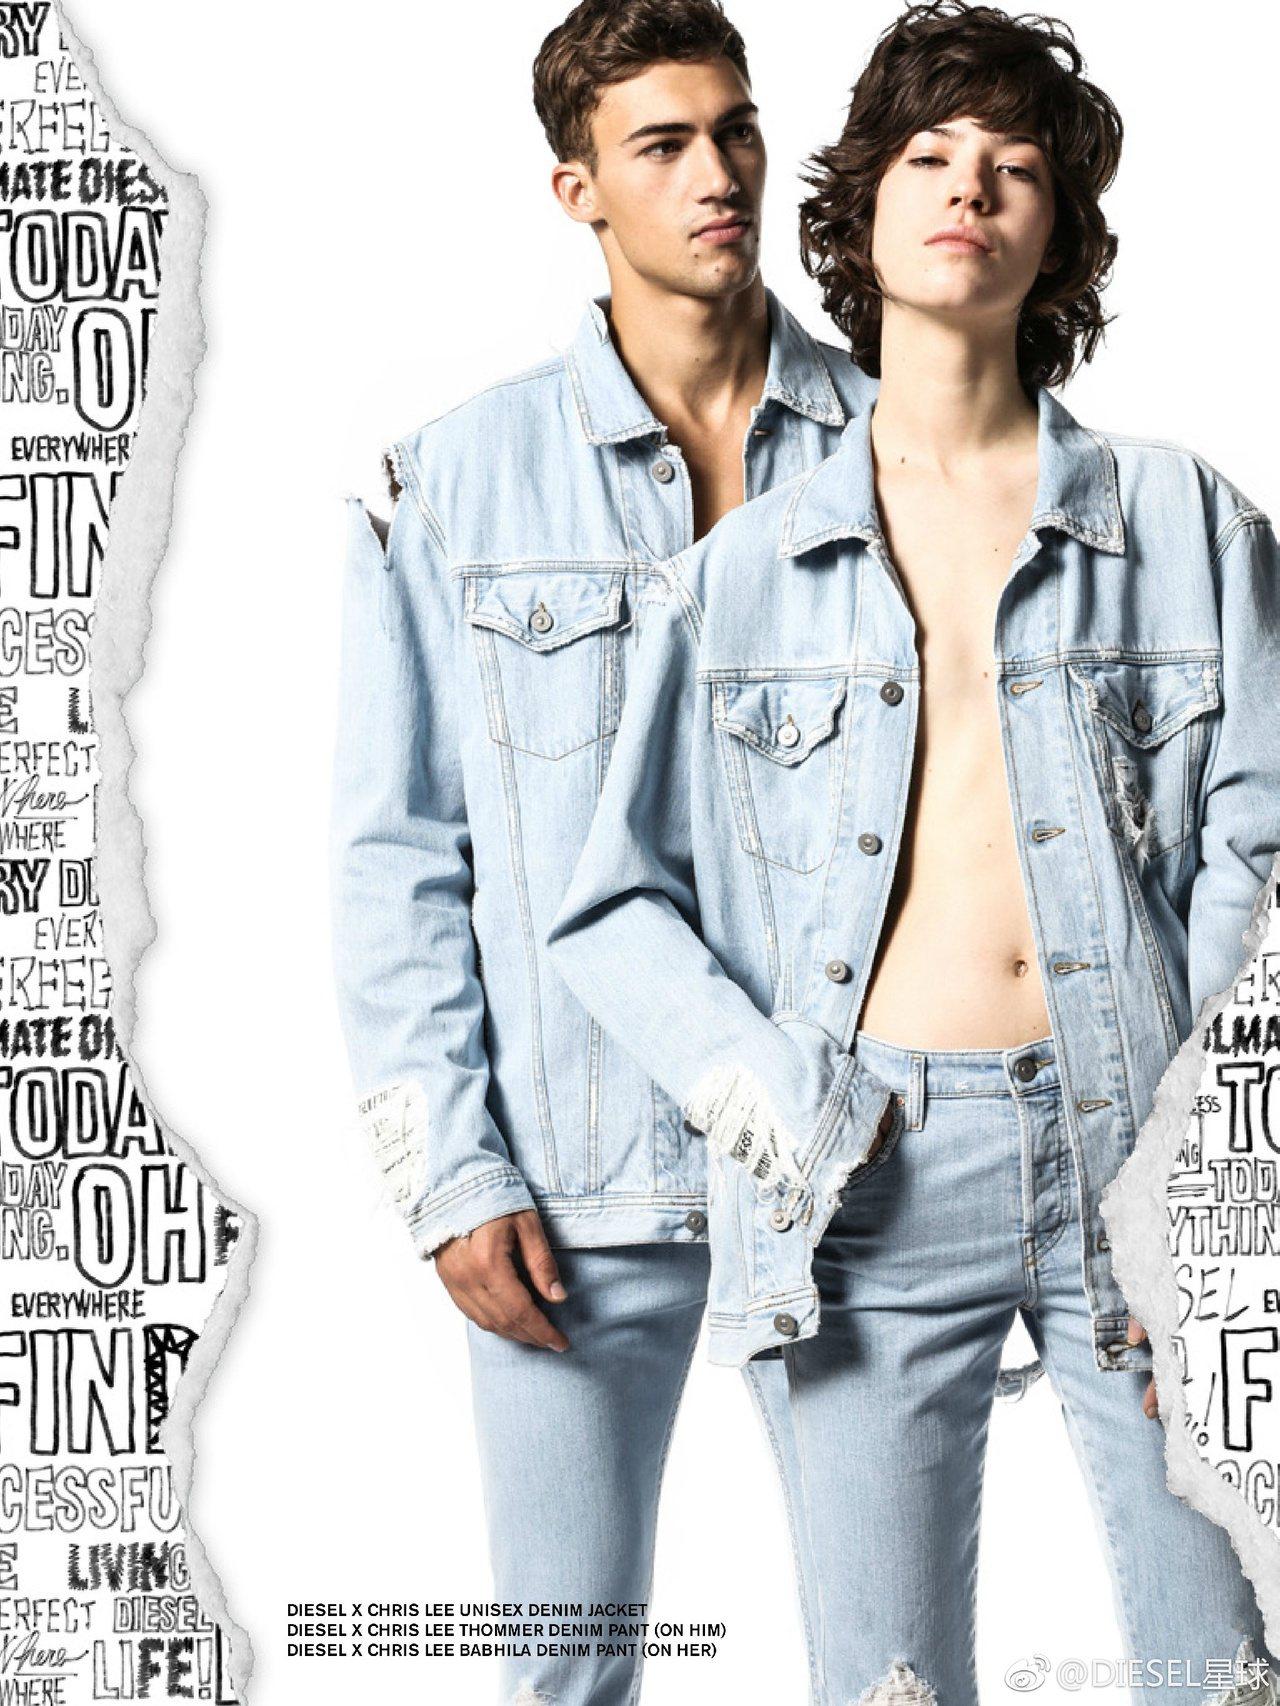 牛仔褲品牌Diesel和李宇春聯手的系列,一上市就被秒殺。圖/摘自微博